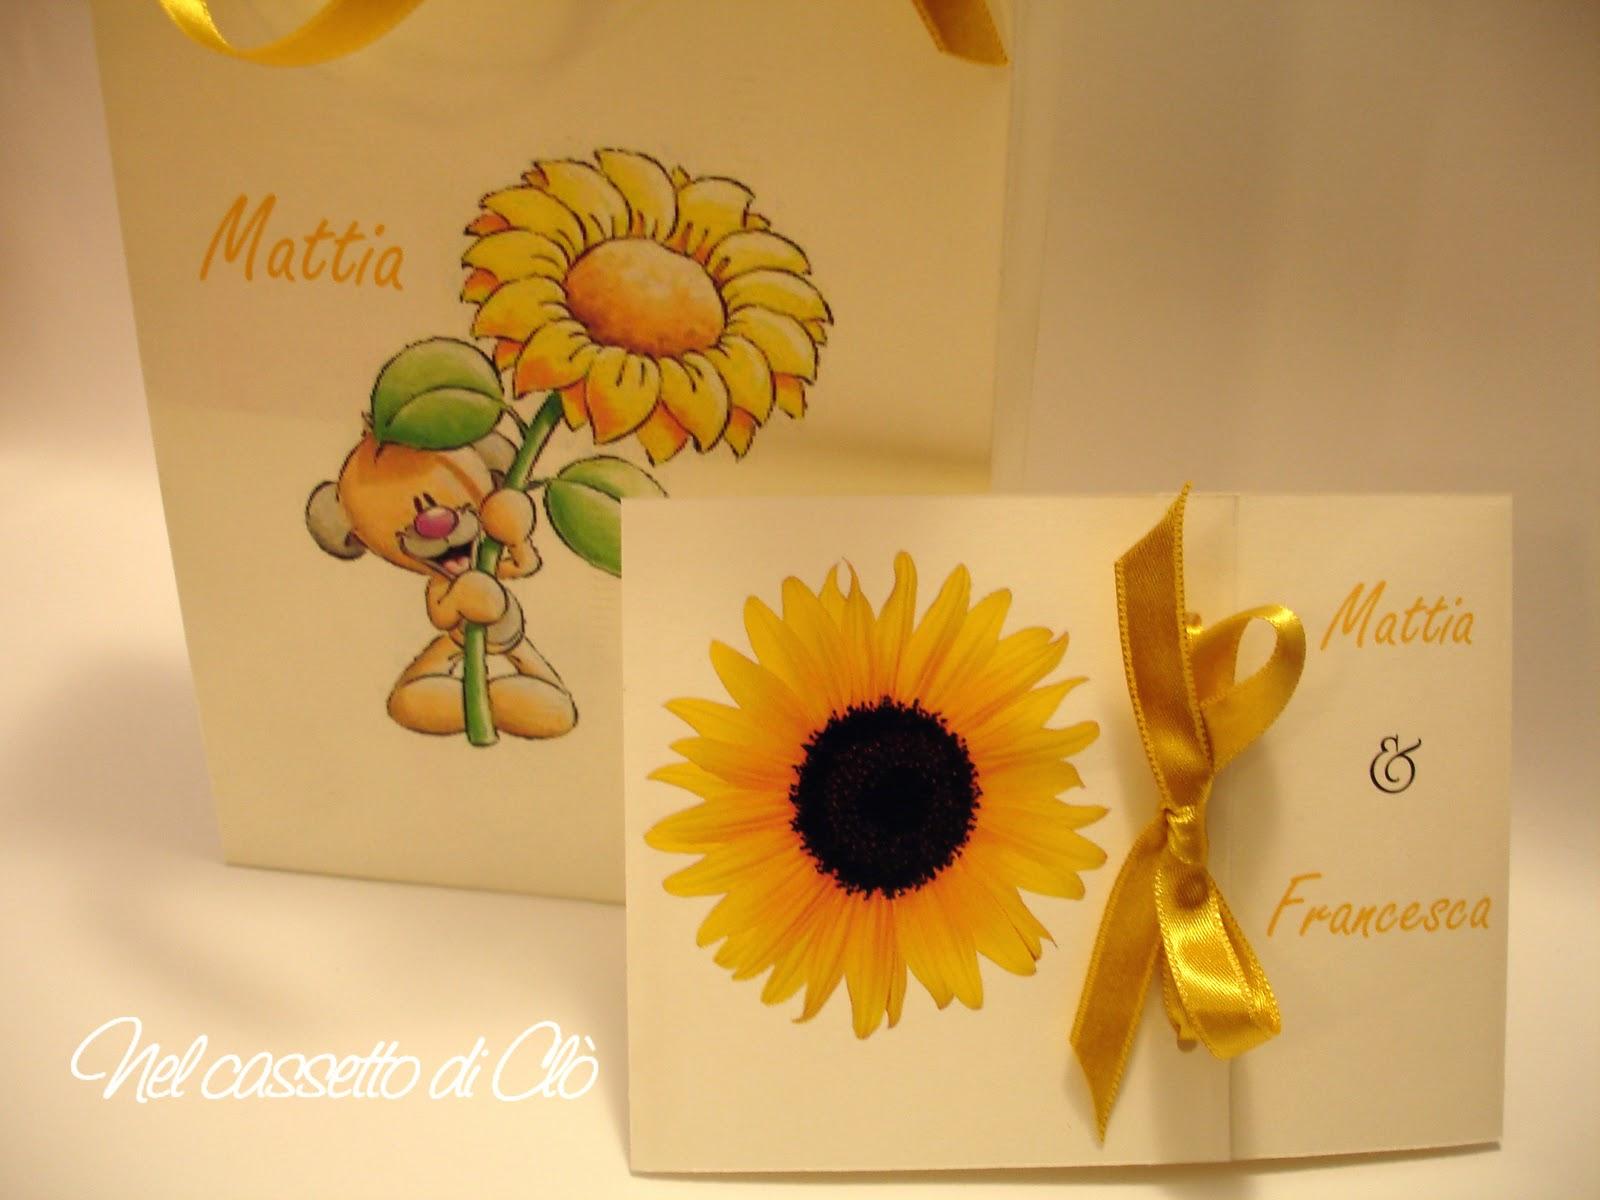 Partecipazione Matrimonio Girasoli : Partecipazioni di nozze con girasoli migliore collezione